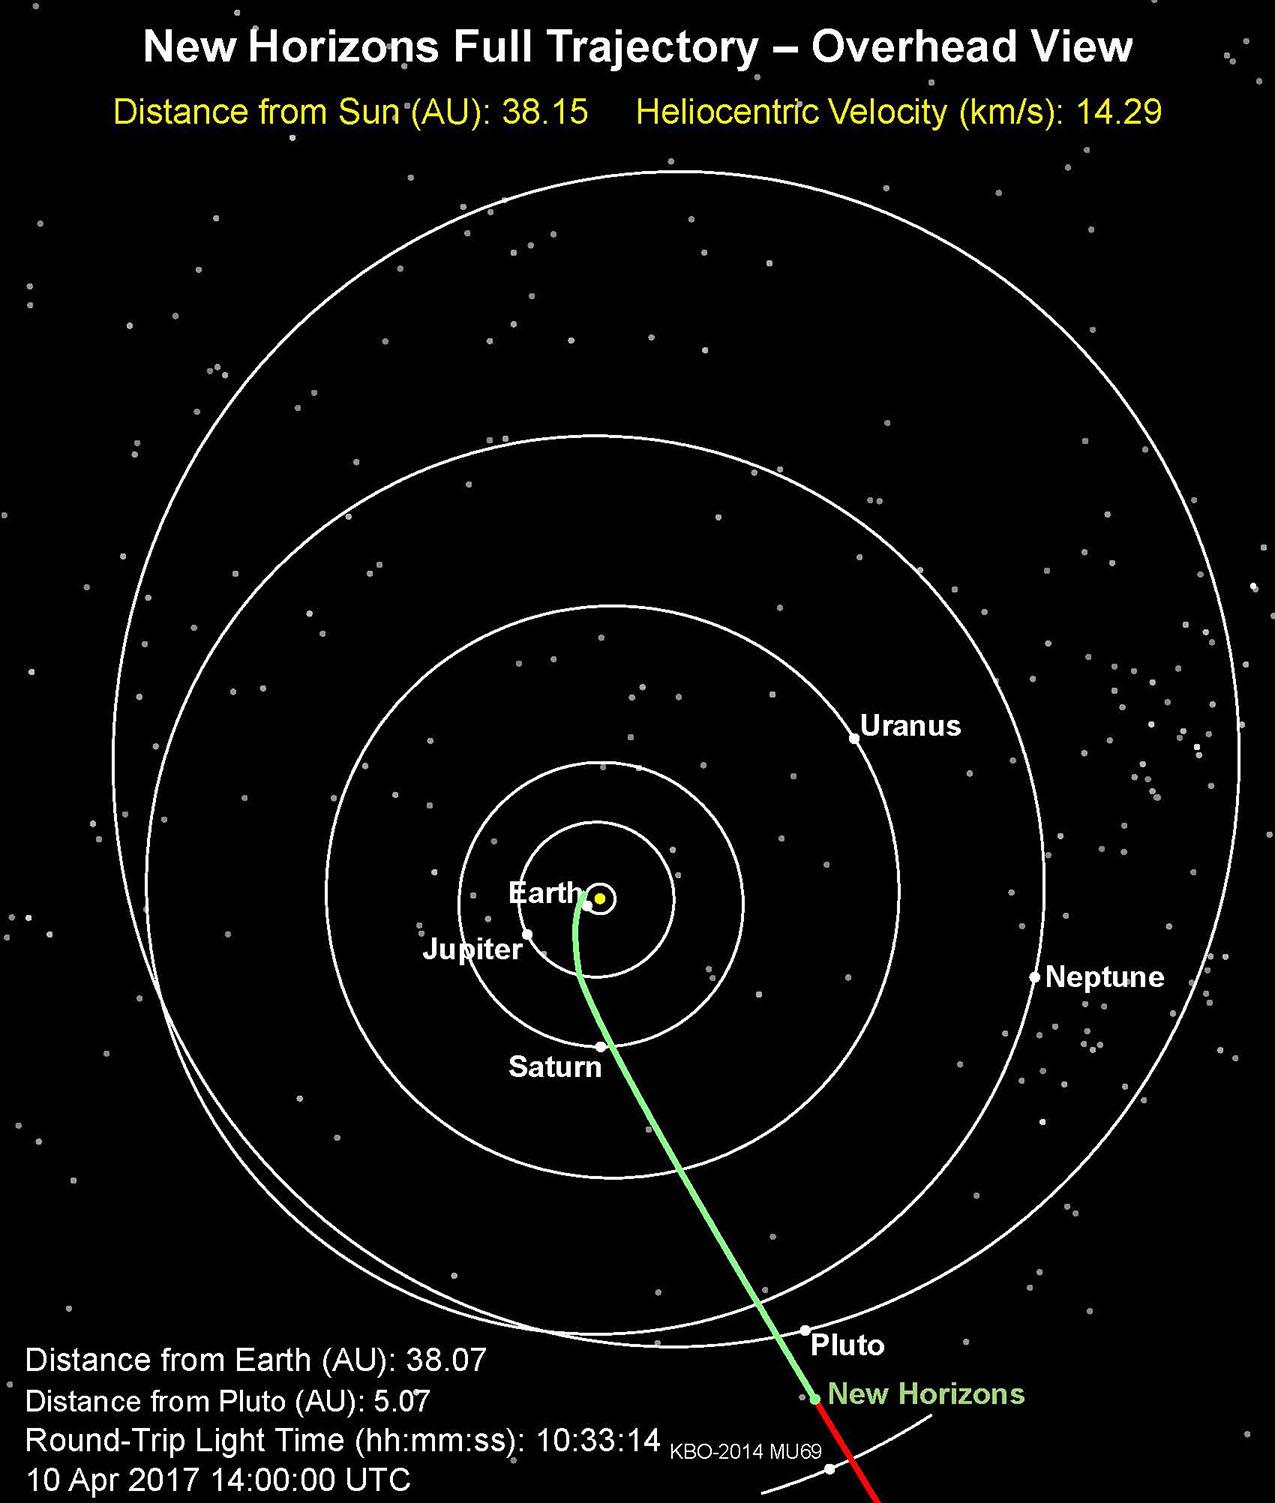 Полная траектория полета New Horizons